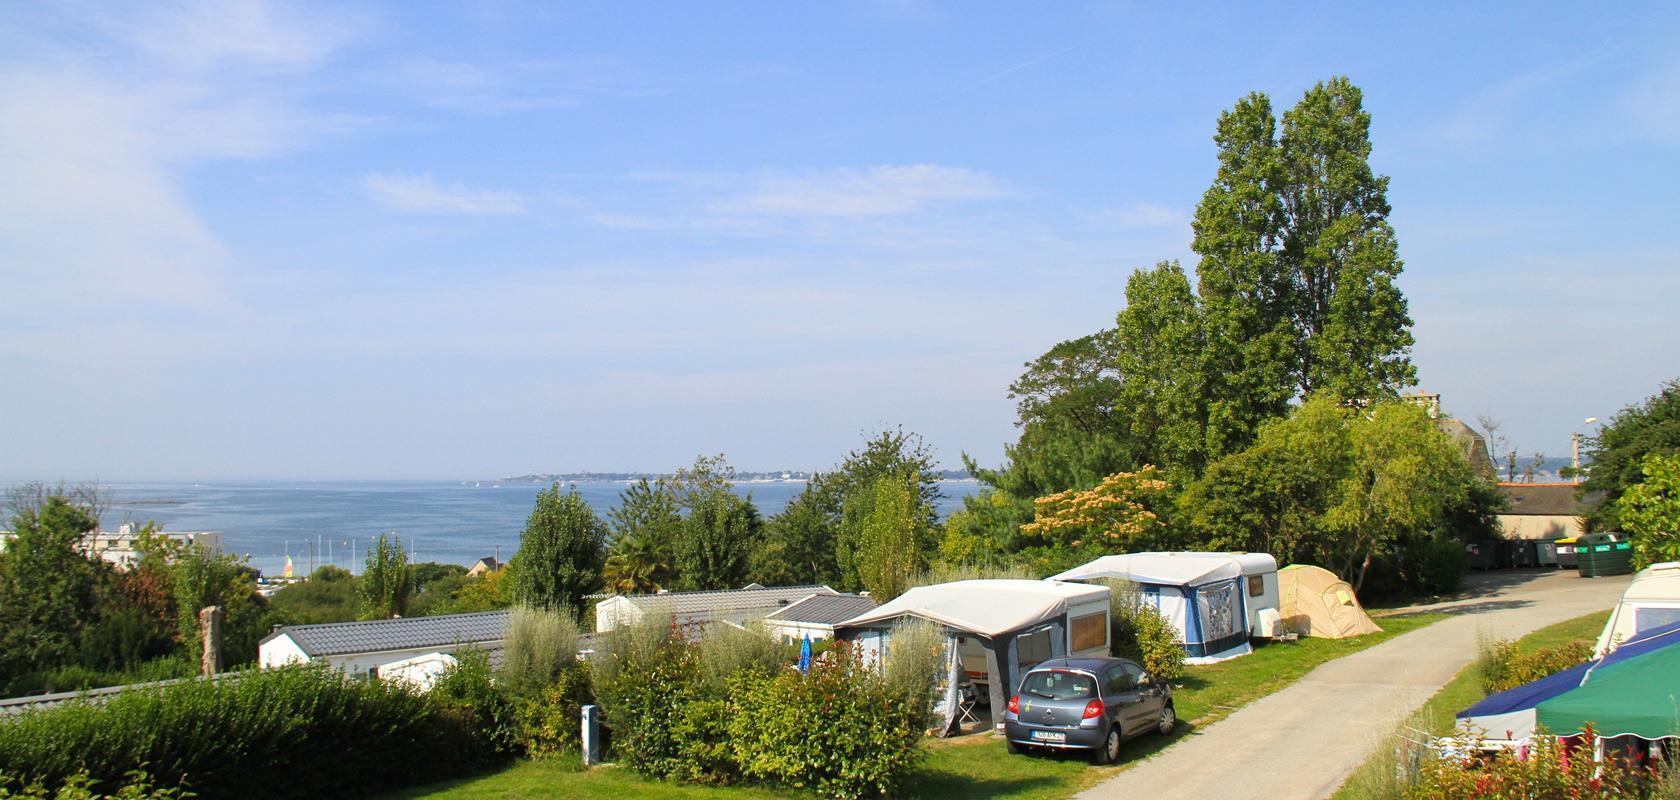 Camping les Sables Blancs, Concarneau, Finistère